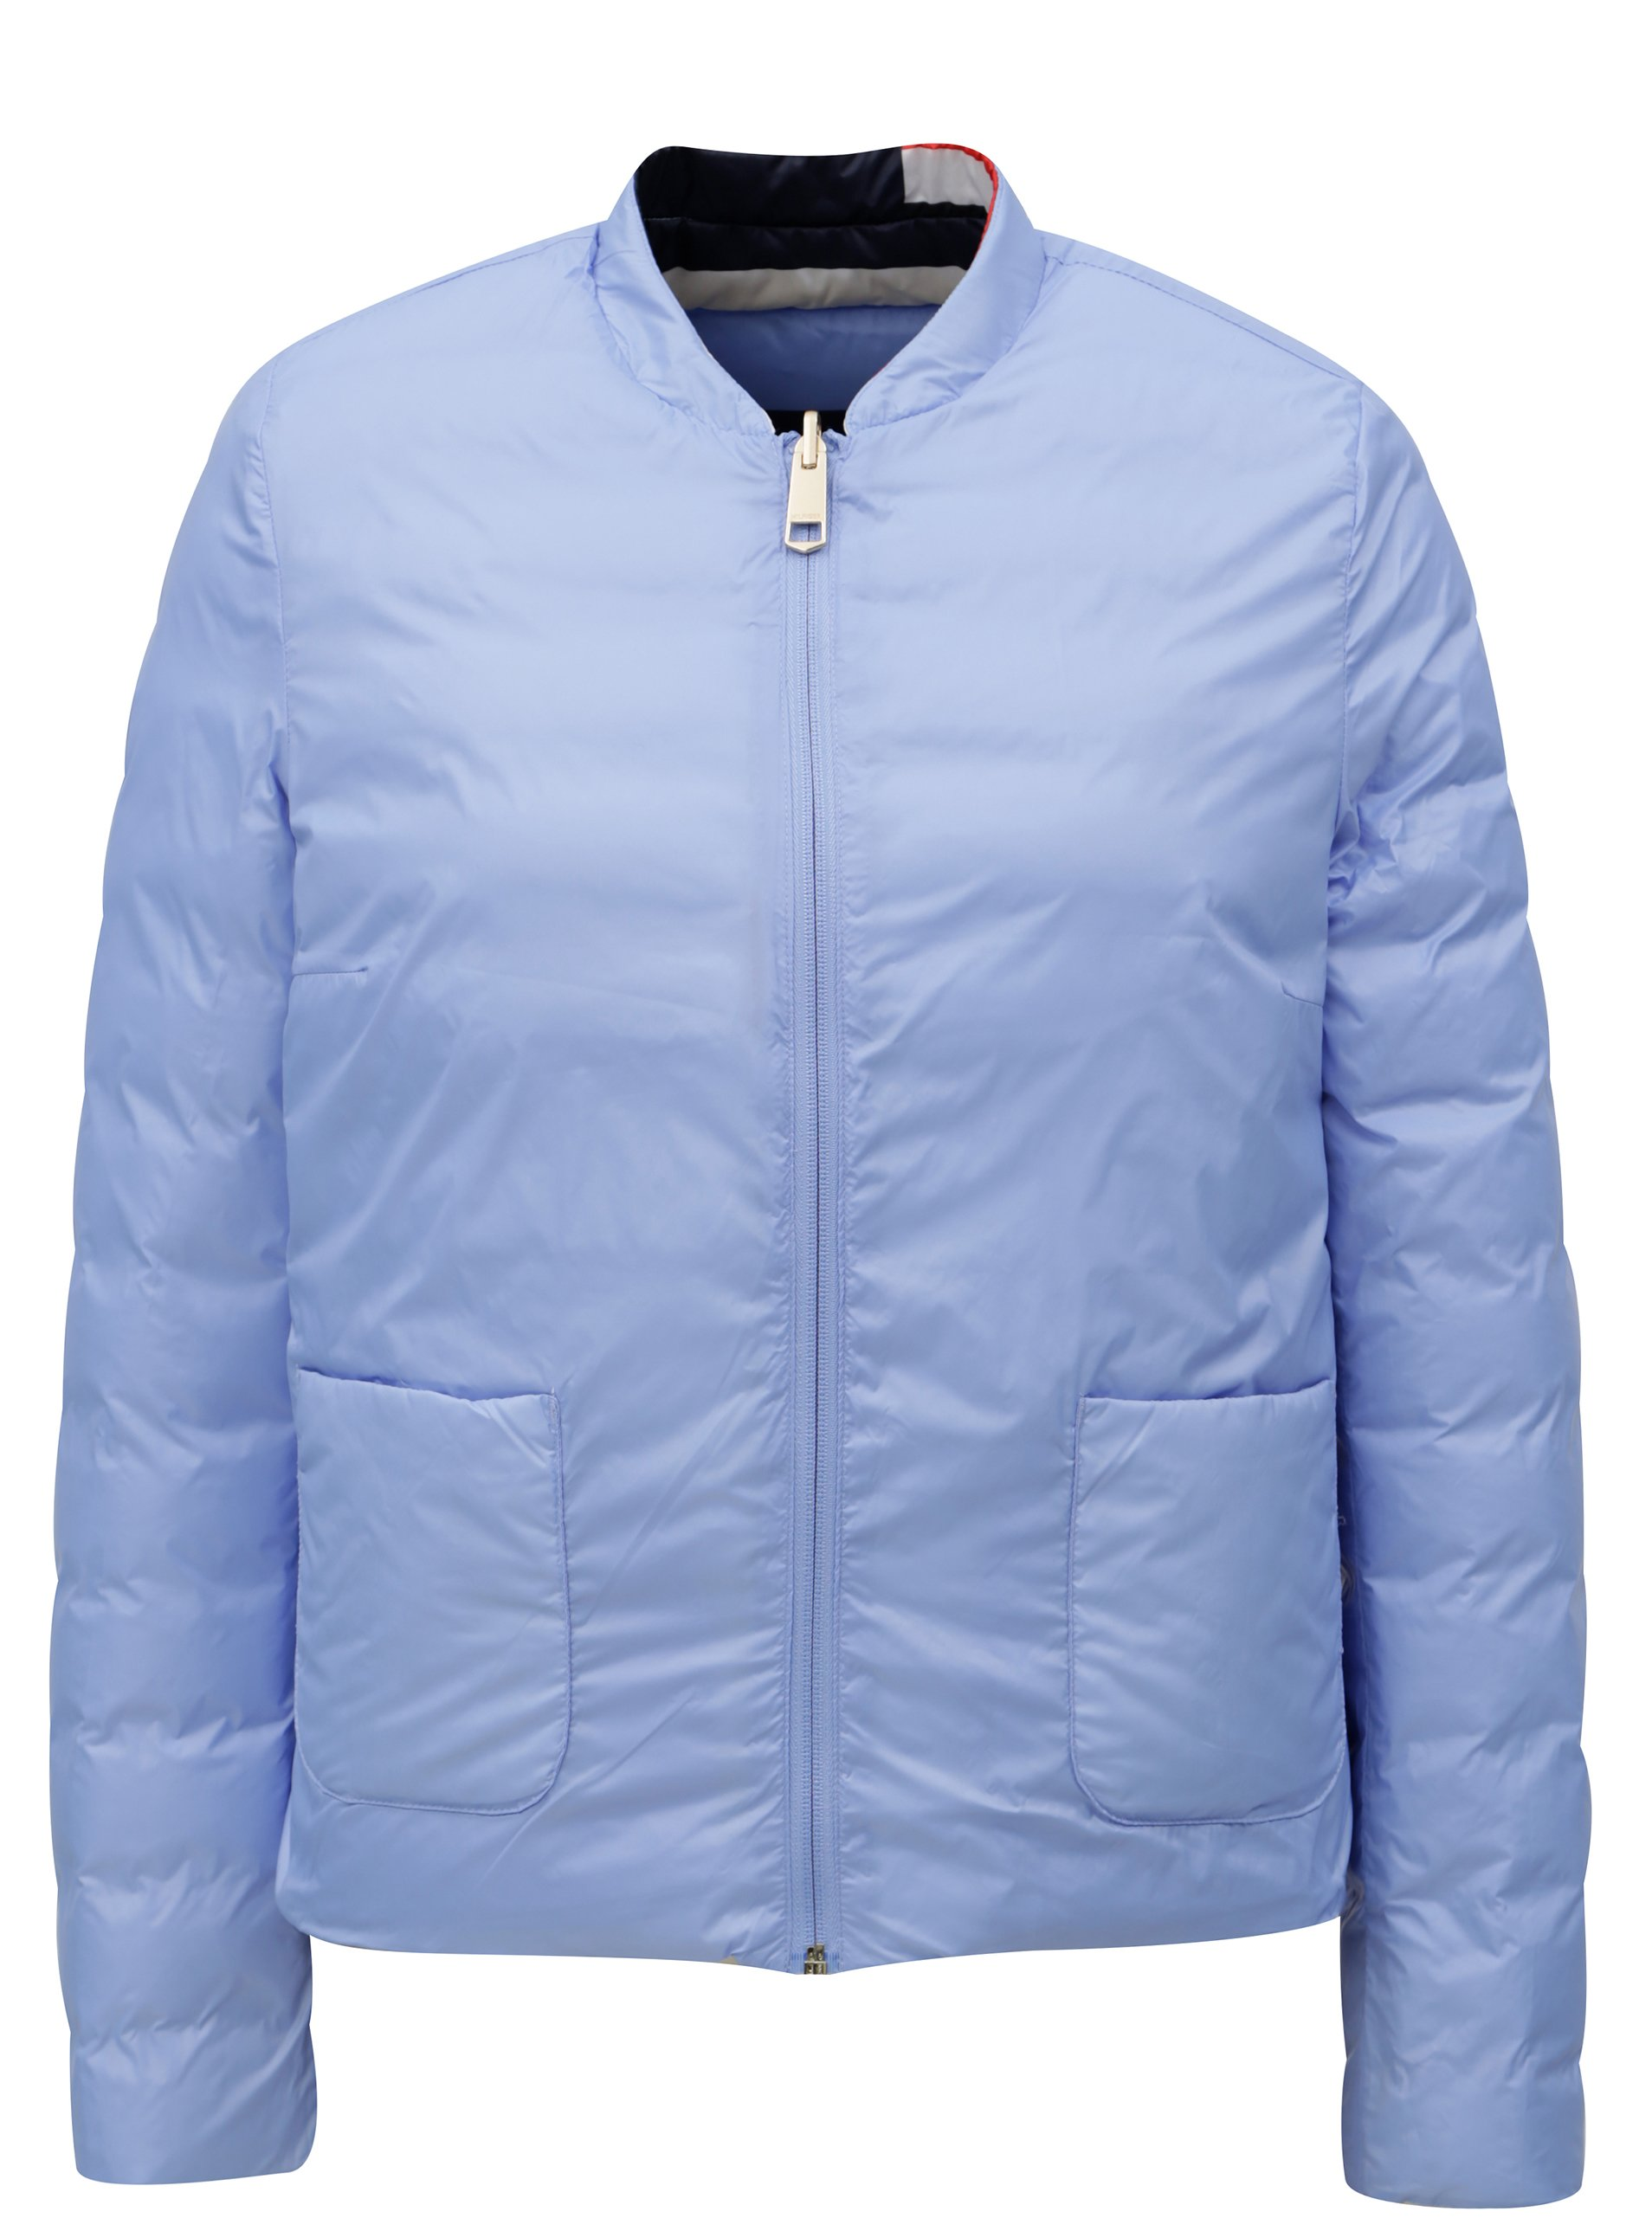 45fcdc5ad8e6 Červeno-modrá dámska vodovzdorná obojstranná páperová bunda Tommy Hilfiger